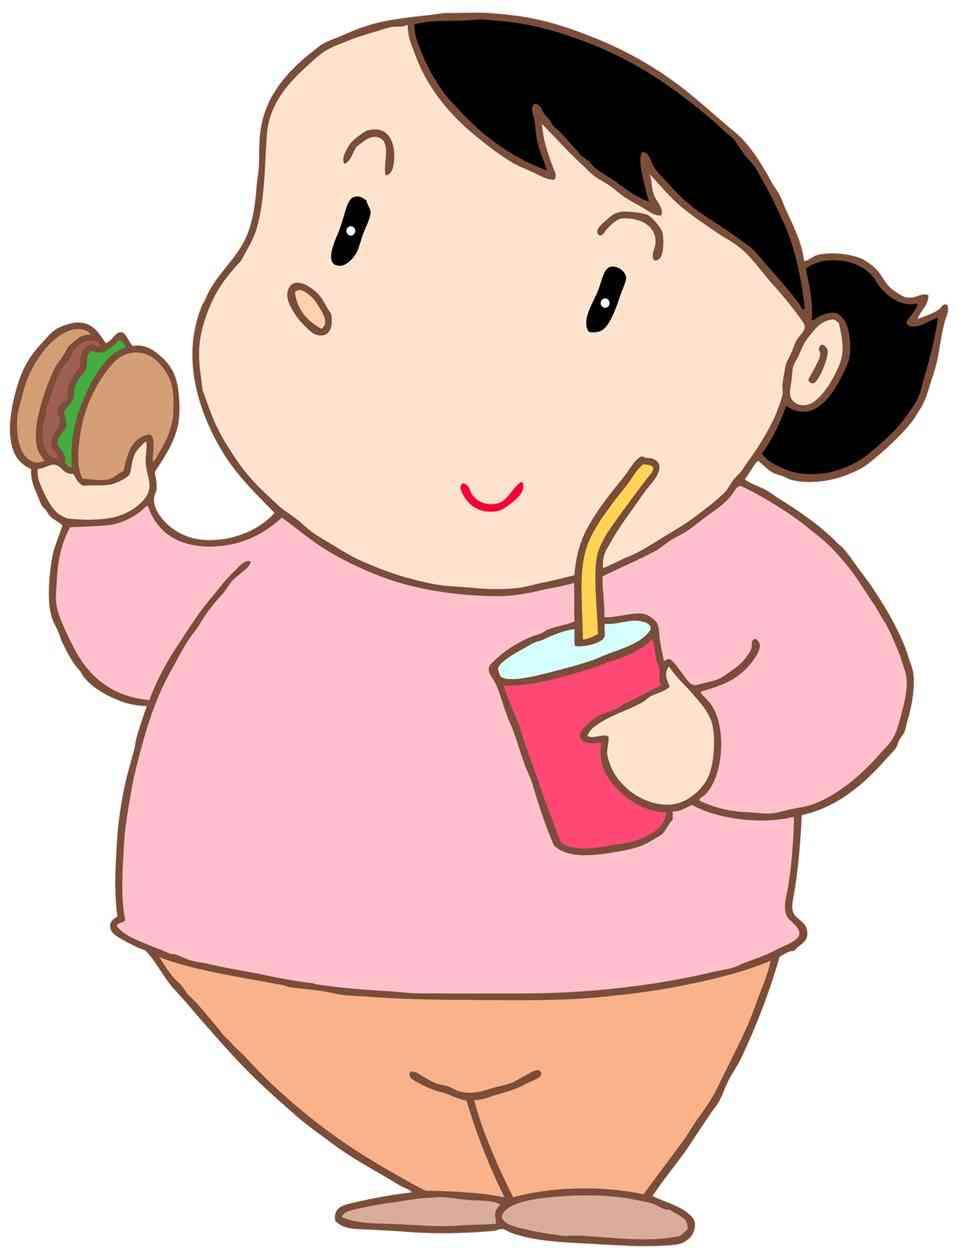 年を取っても好きなだけ食べてたら太りますか?